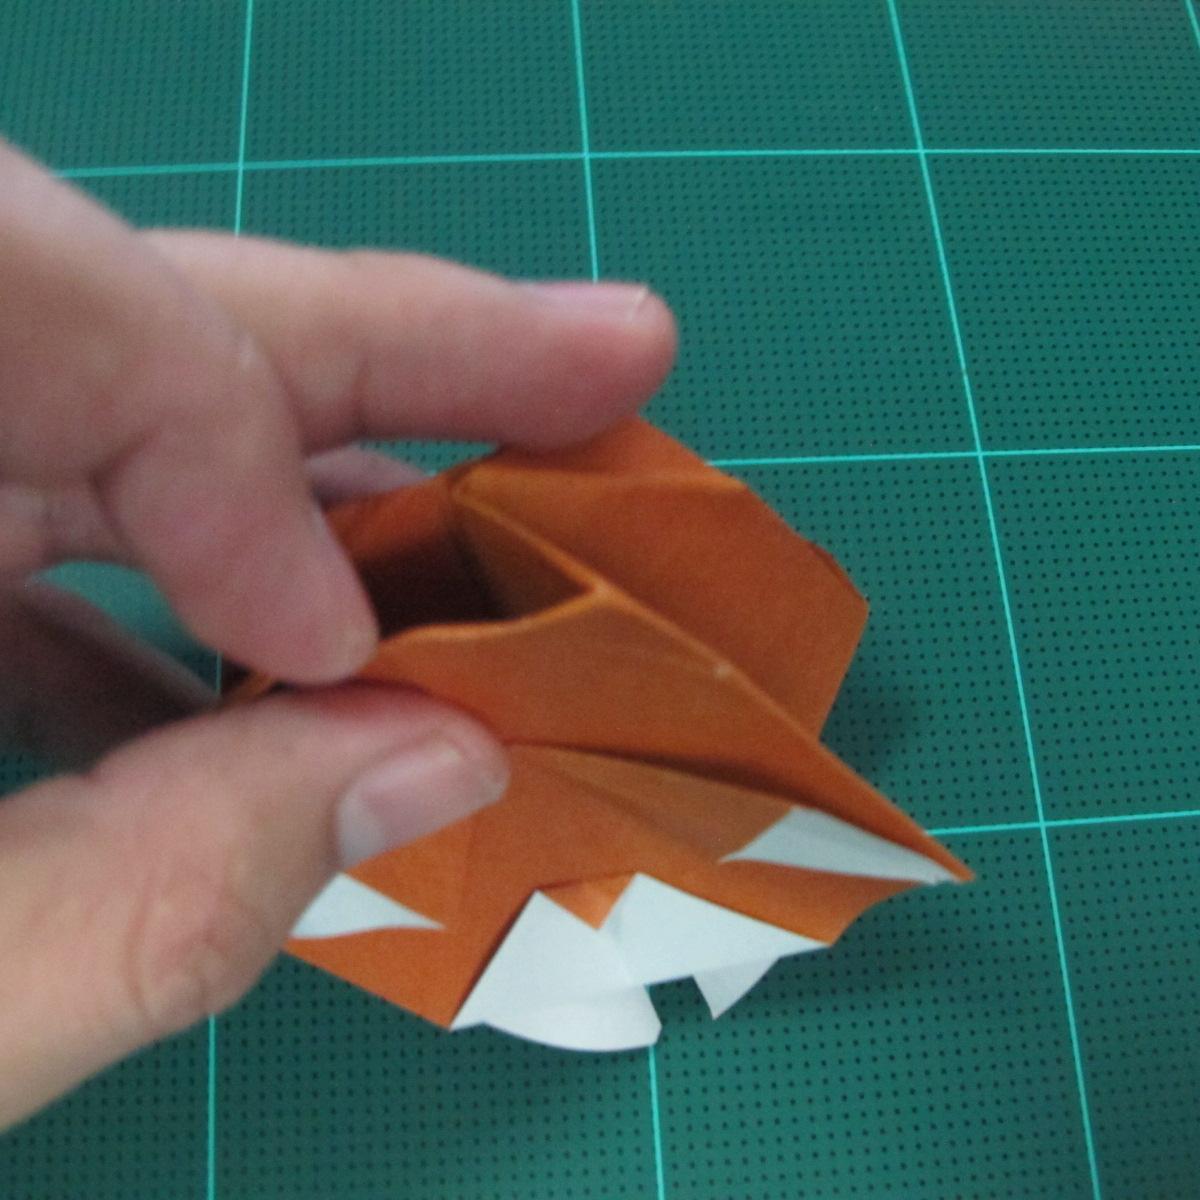 การพับกระดาษเป็นที่คั่นหนังสือหมีแว่น (Spectacled Bear Origami)  โดย Diego Quevedo 027